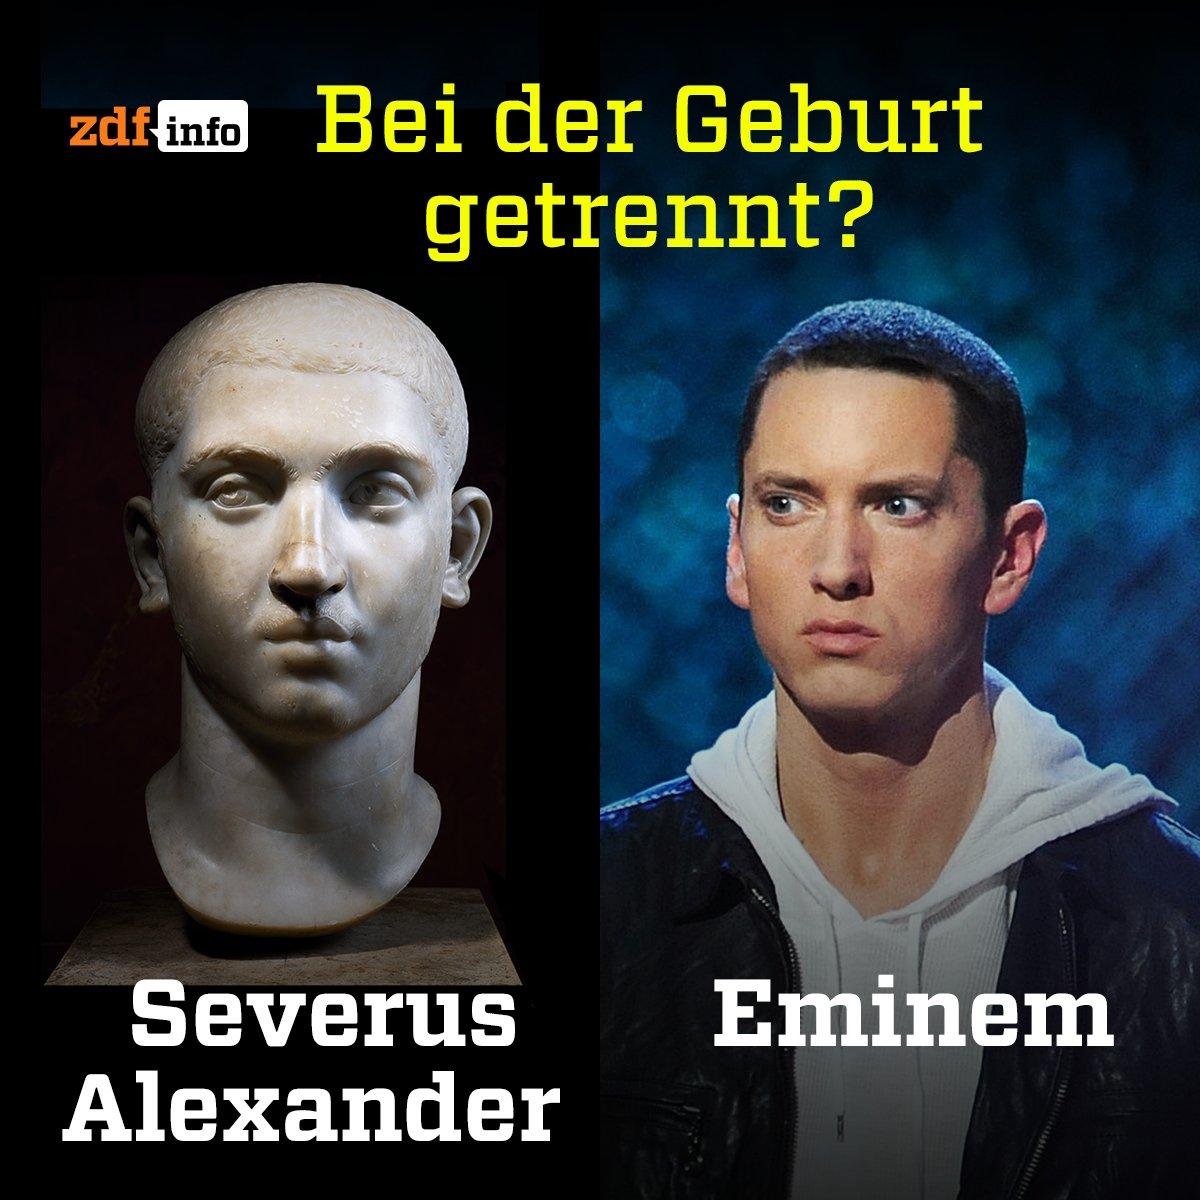 #Eminem bringt sein neues Album #REVIVAL raus. Wann der römische Kaiser Severus Alexander nachzieht, bleibt abzuwarten. https://t.co/iCXeGLzozn